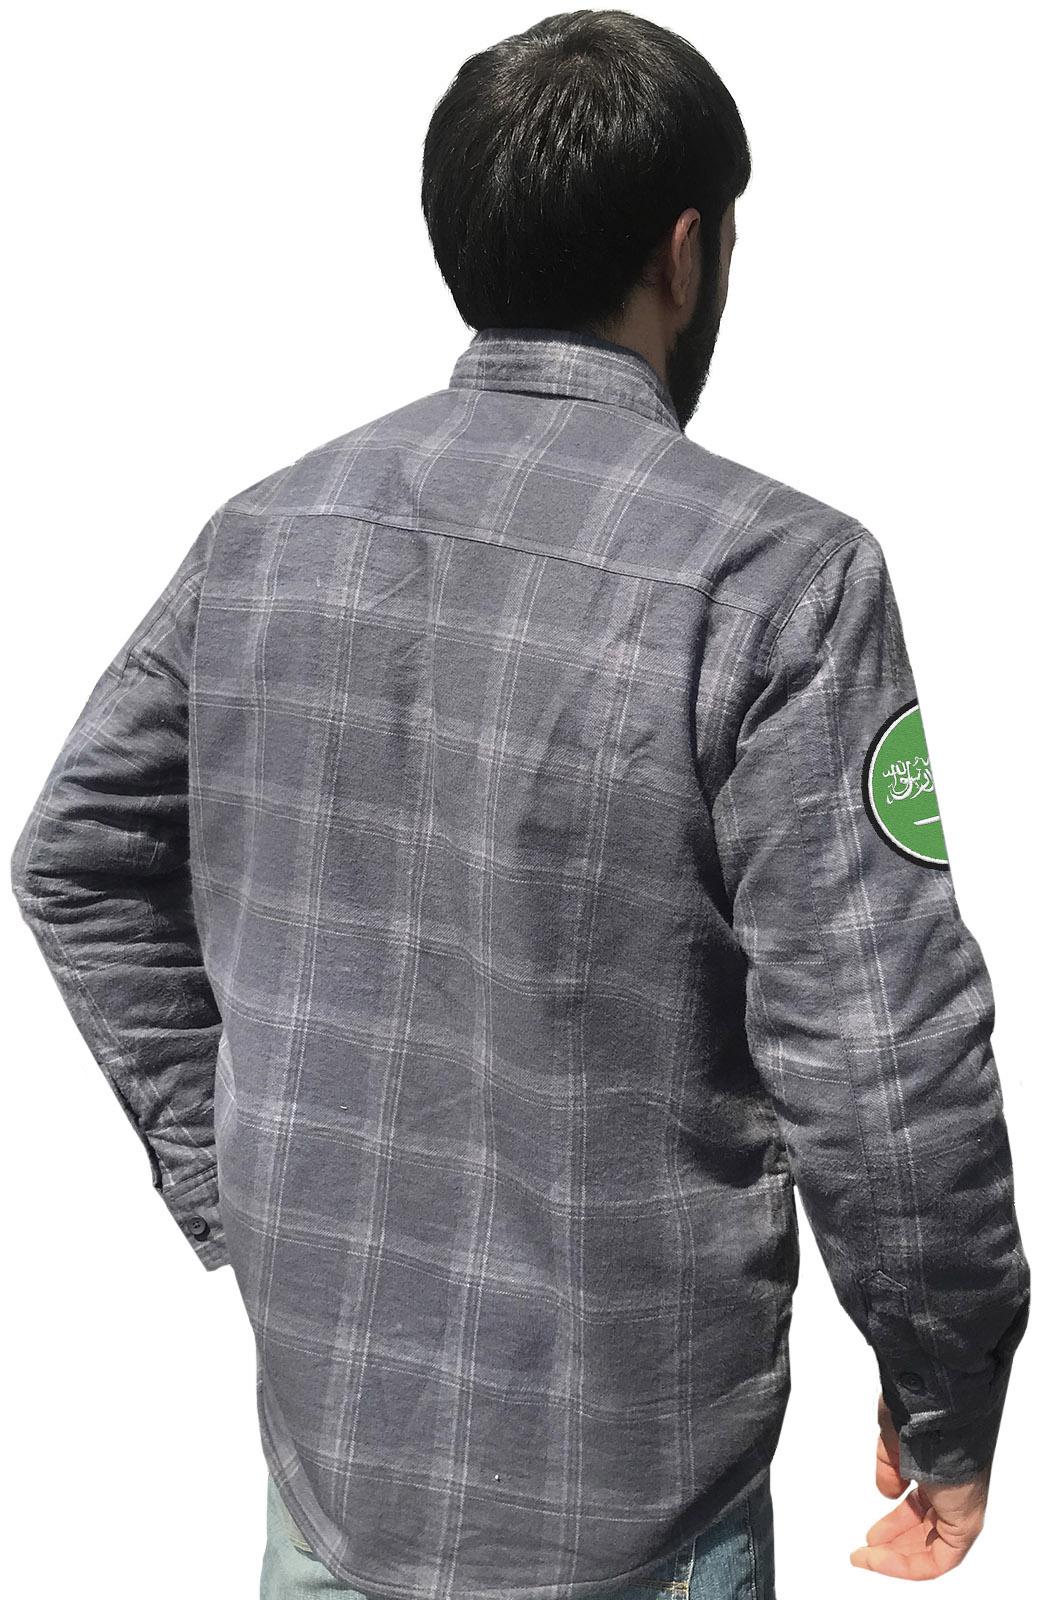 Купить строгую утепленную рубашку с нашивкой Саудовская Аравия оптом выгодно